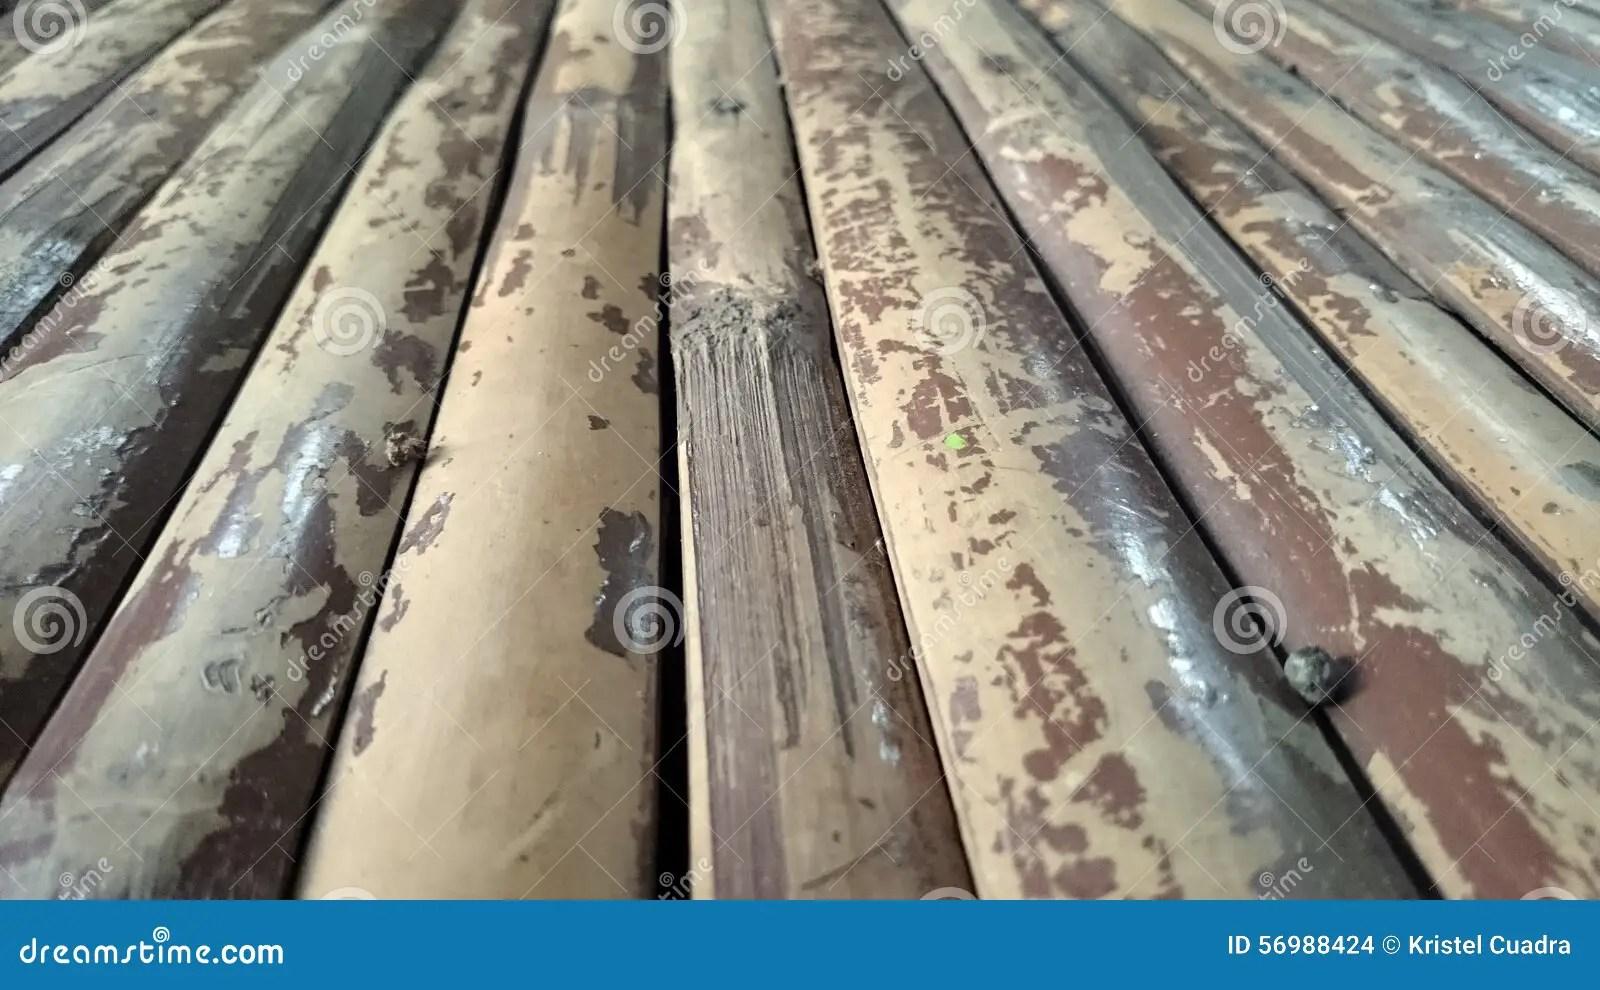 Fußboden Aus Bambus ~ Bambus fußboden badezimmer badezimmermatte braun meterware